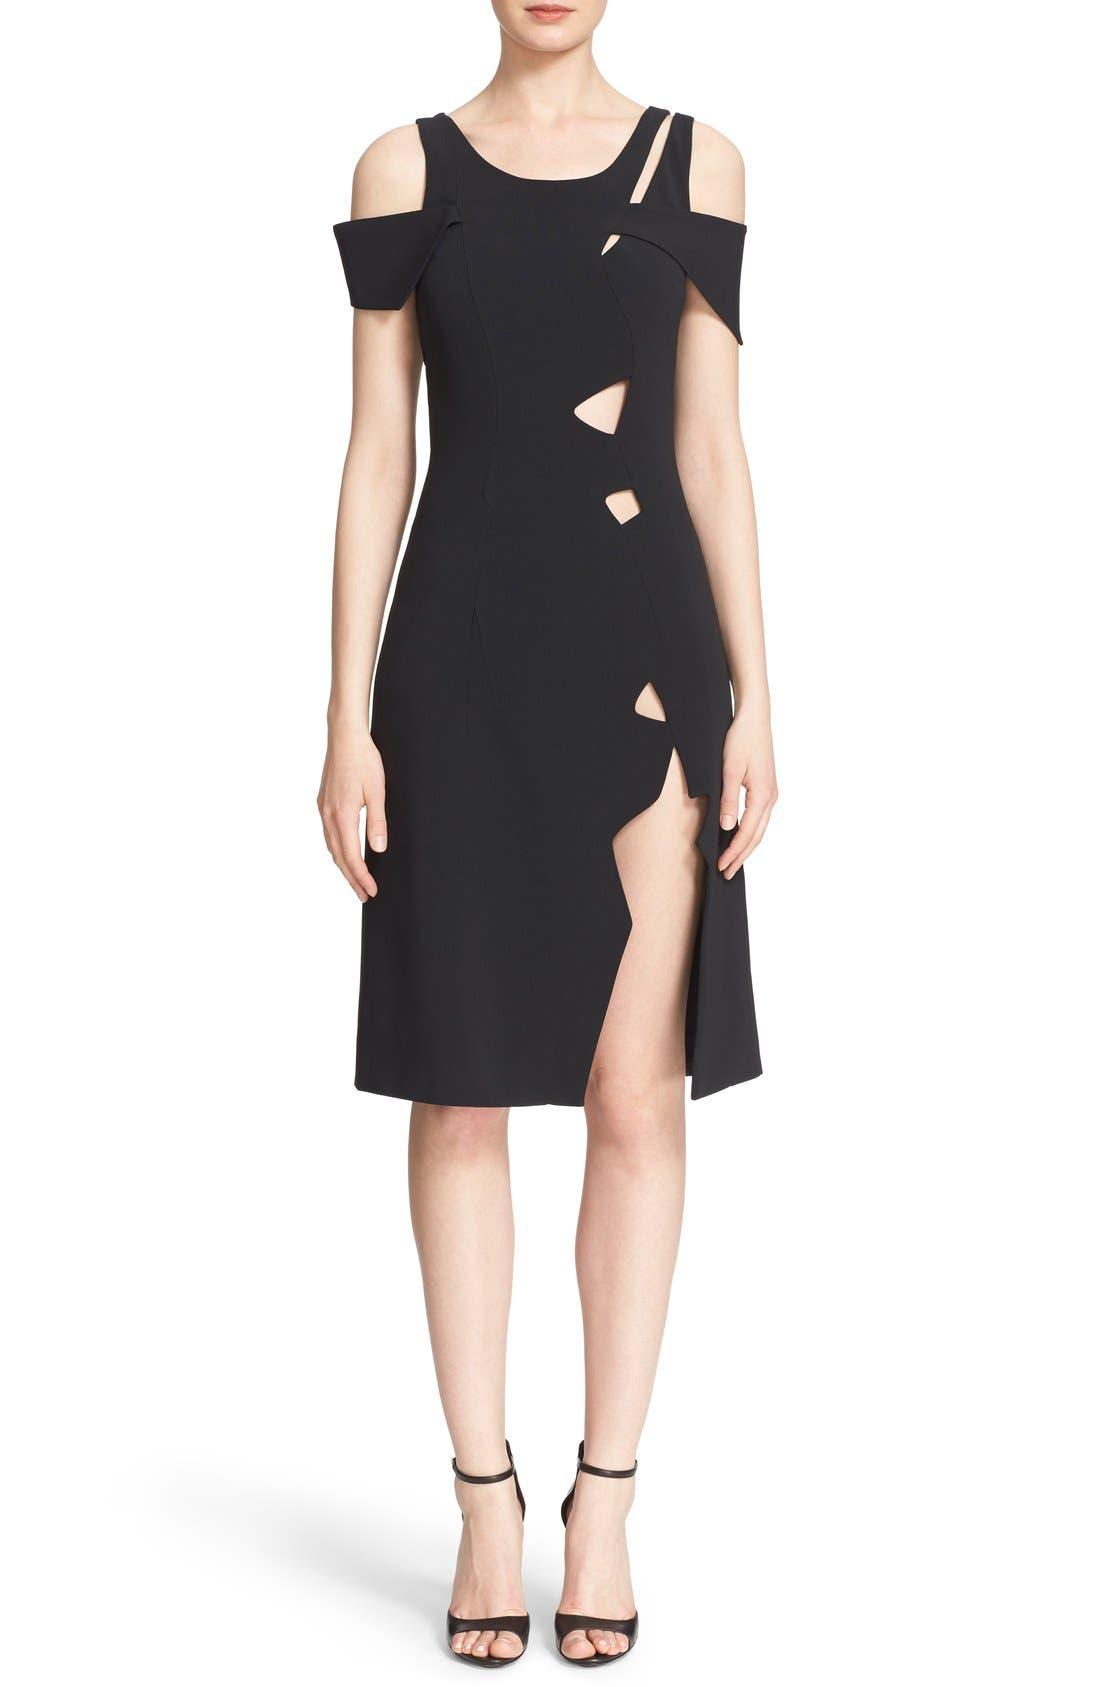 Alternate Image 1 Selected - Christopher Kane Cold Shoulder Dress